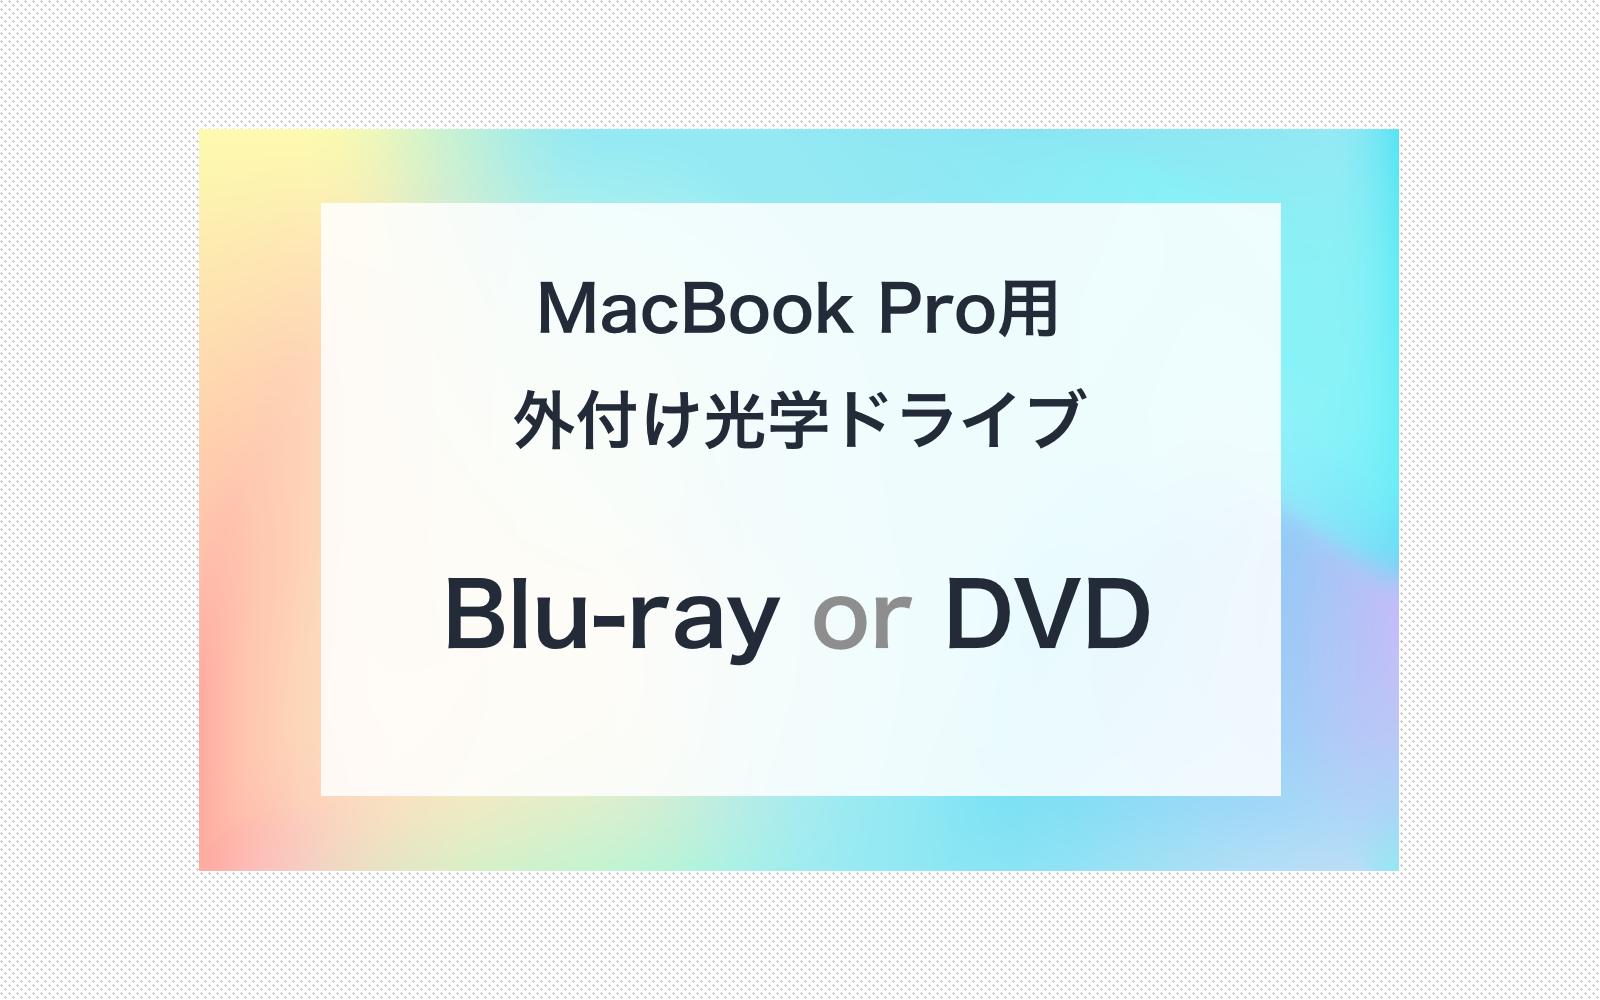 MacBook Pro用外付け光学ドライブ購入検討で、Blu-rayドライブではなく、DVDドライブを購入した正直な理由